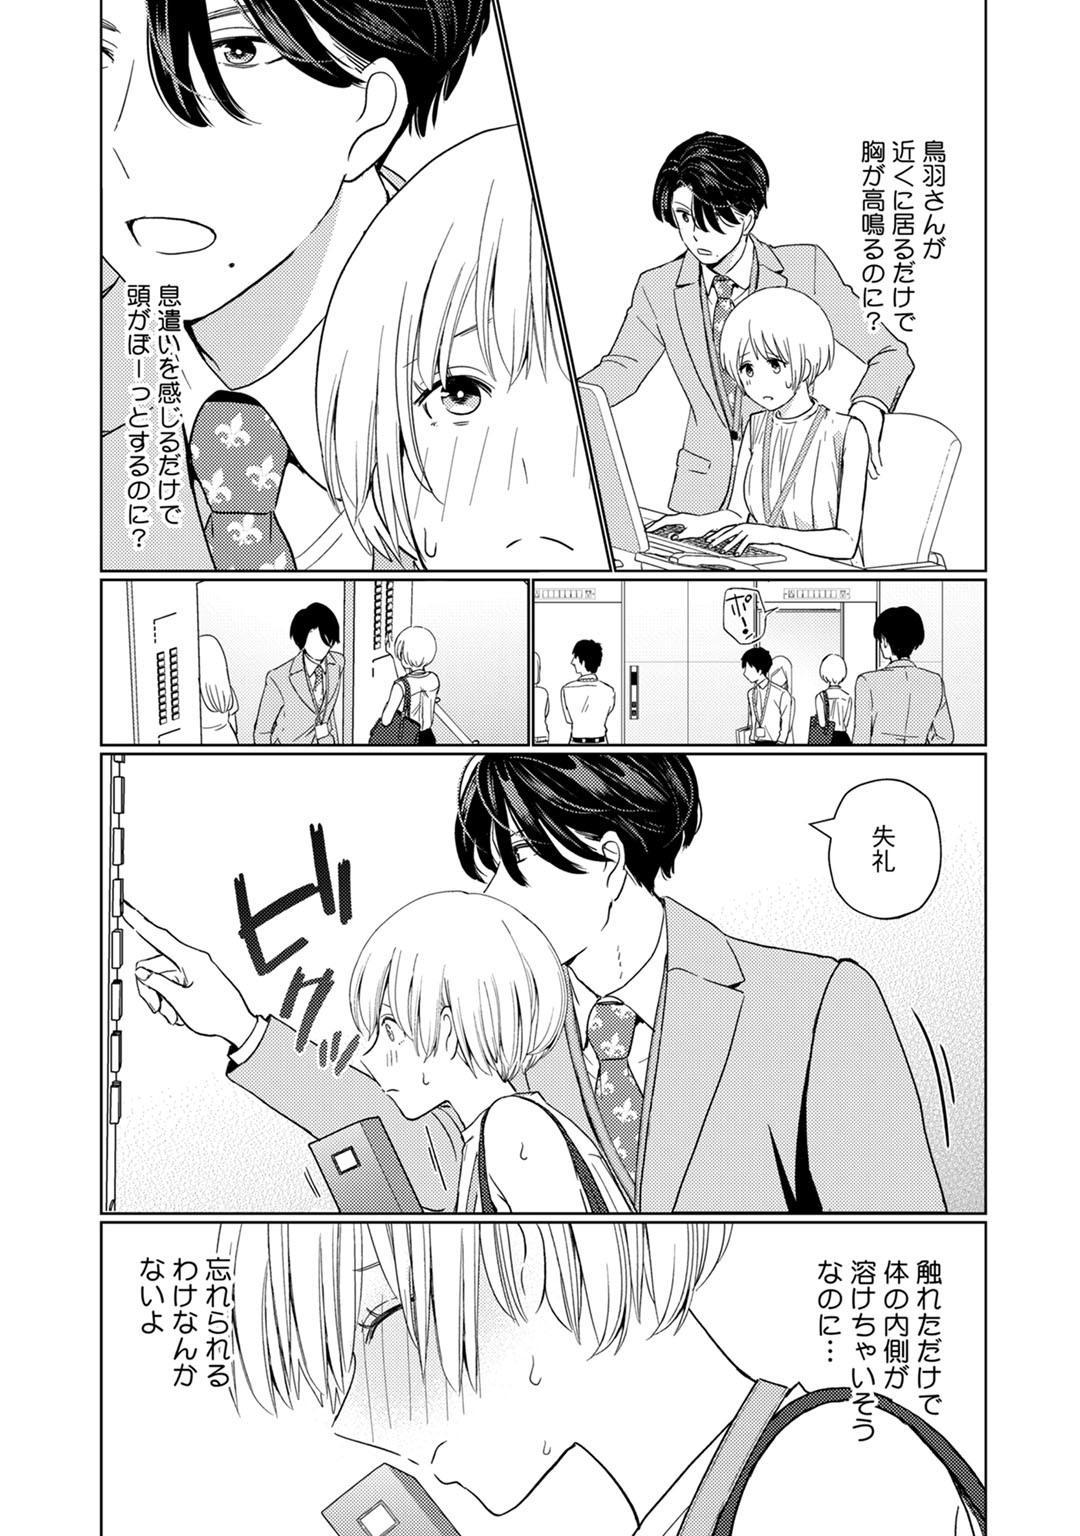 [Okonogi Happa] Kyonyuu-chan to Kyokon Joushi -Kaisha de Musabori Sex- act. 2 10